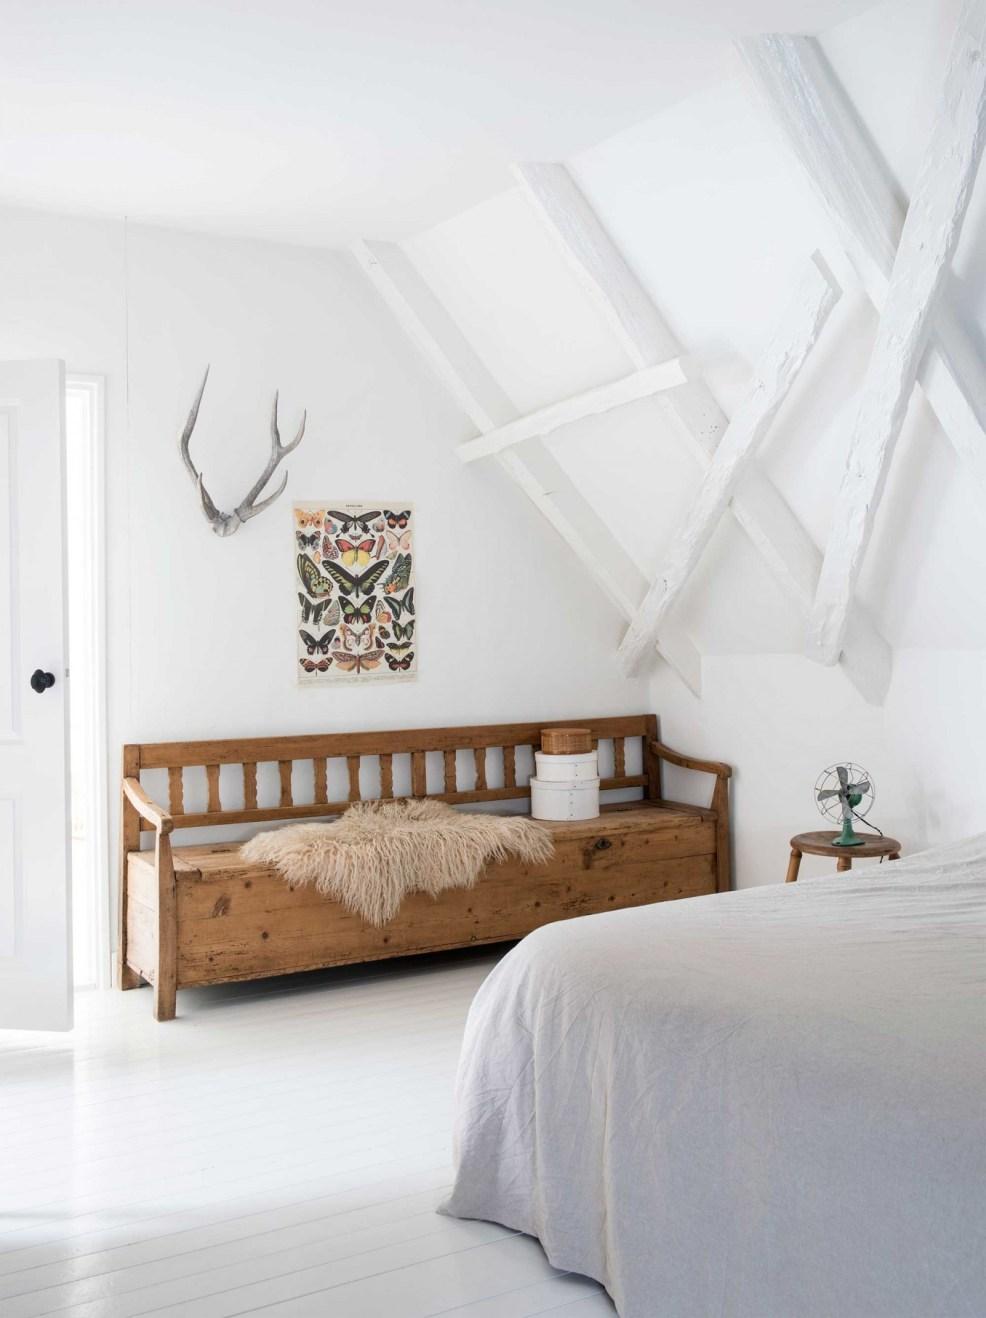 Joli leçon de style avec cette chambre rustique et chic, et ses poutres apparentes entièrement repeintes en blanc. Trouvez l'inspiration pour décorer votre maison de campagne dans l'article !